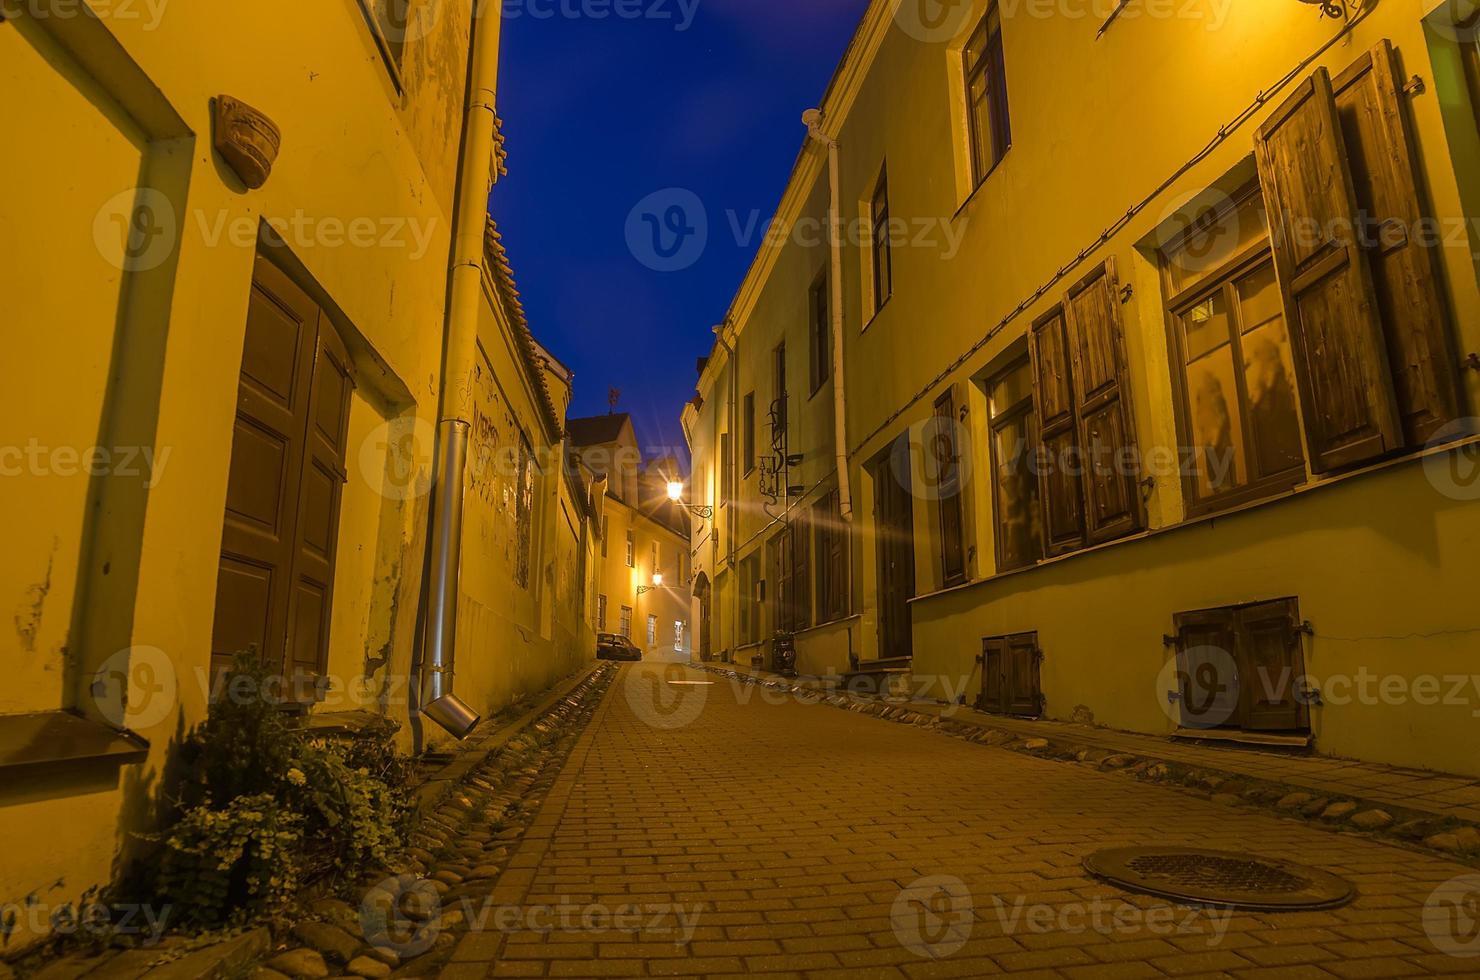 Straße in der Altstadt von Vilnius, Litauen foto